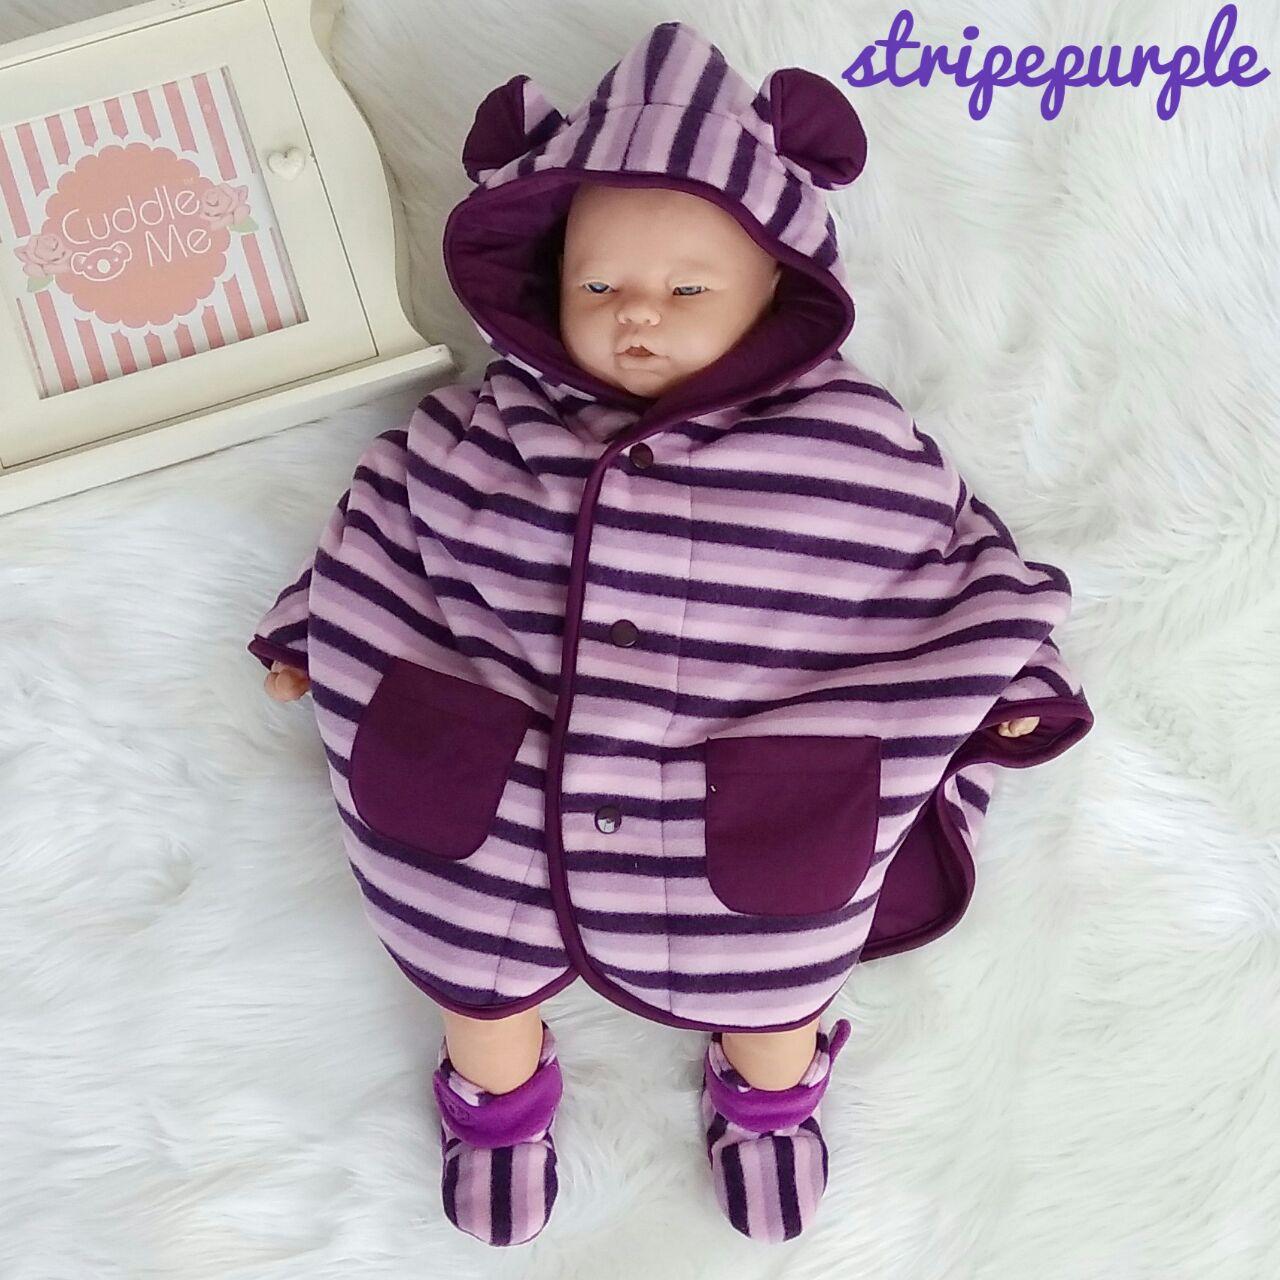 kado bayi baby cape cuddle me bolak balik jaket anak bayi toddler 0-3th motif stripe purple